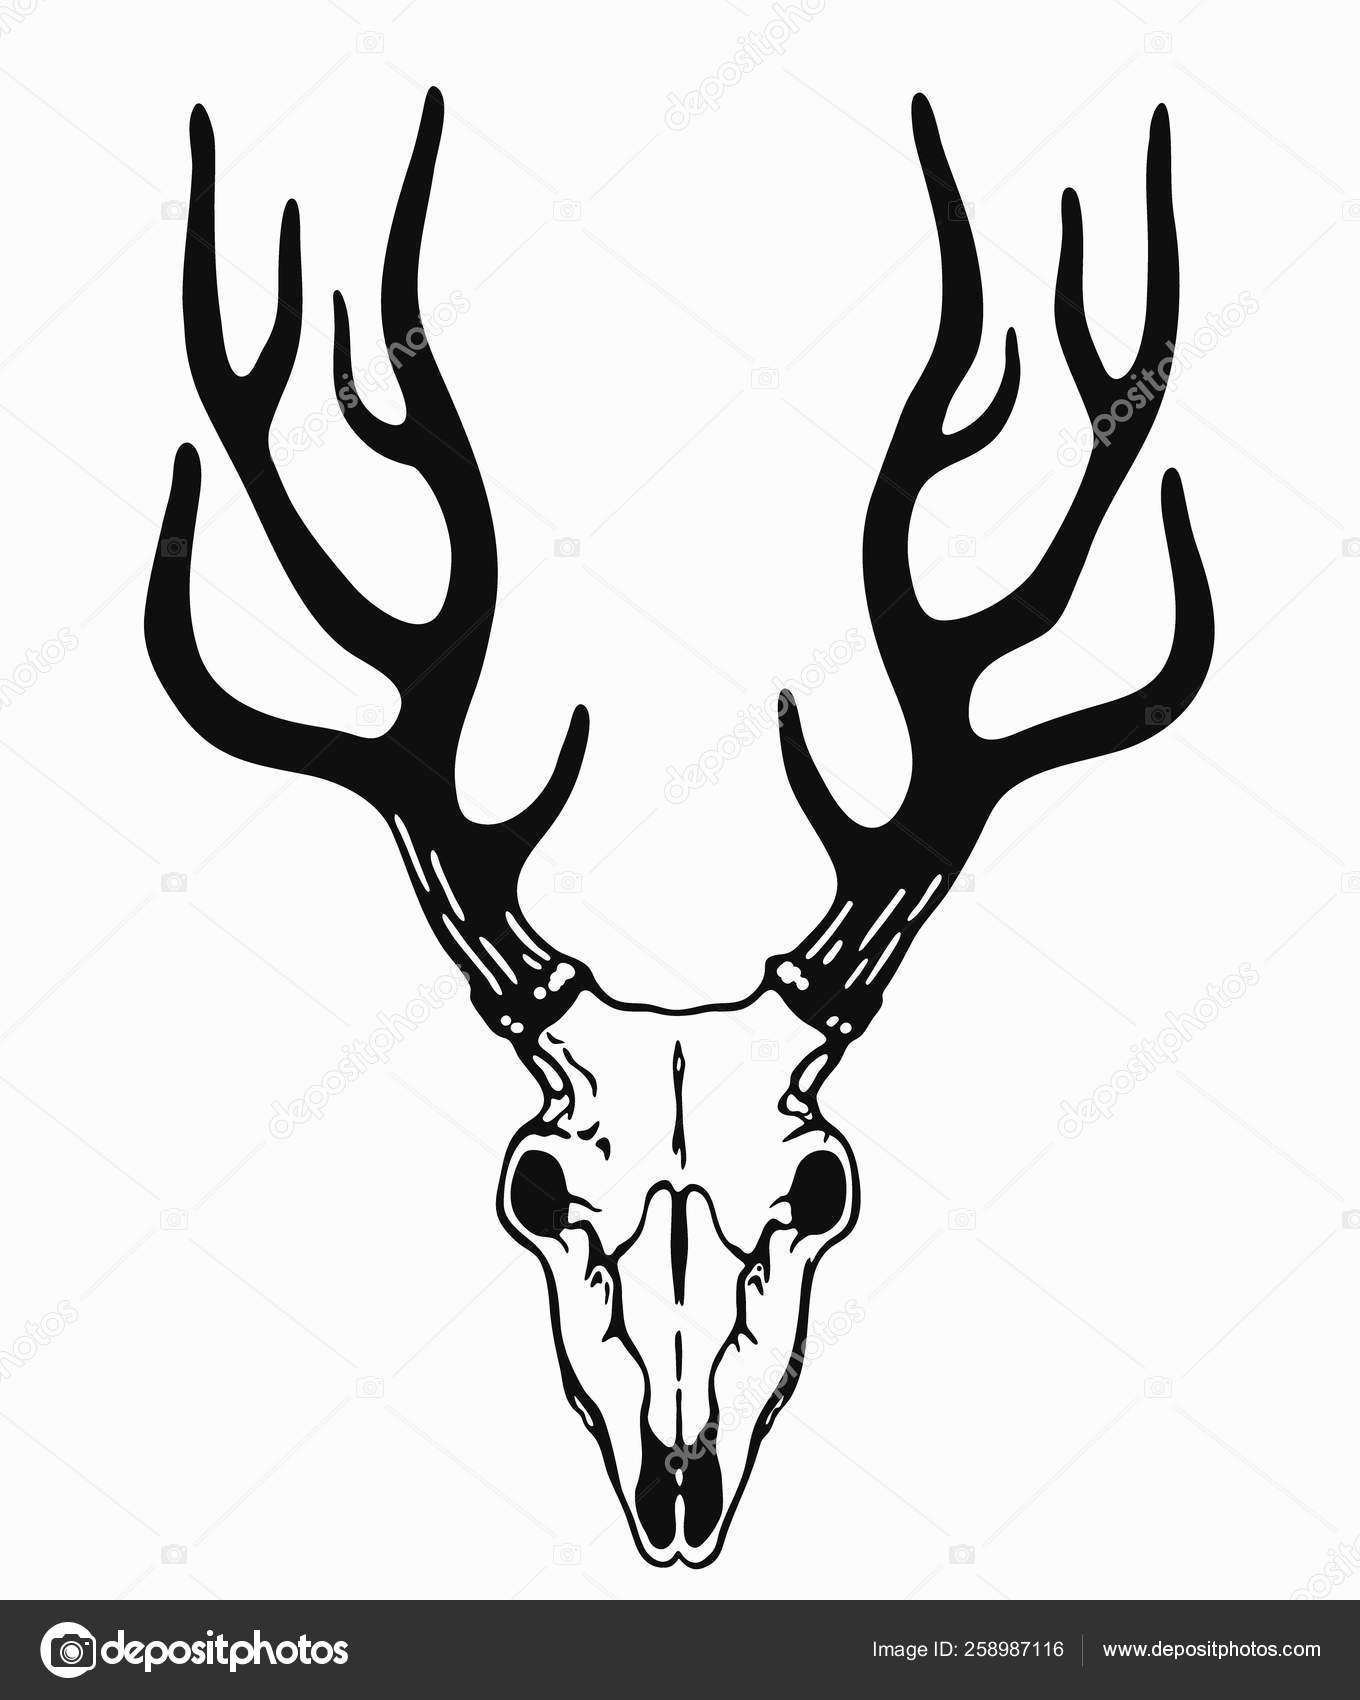 Deer Skull Vector : skull, vector, Simple, Skull, Black, Horns, Vector, Image, Inkystory, Stock, 258987116